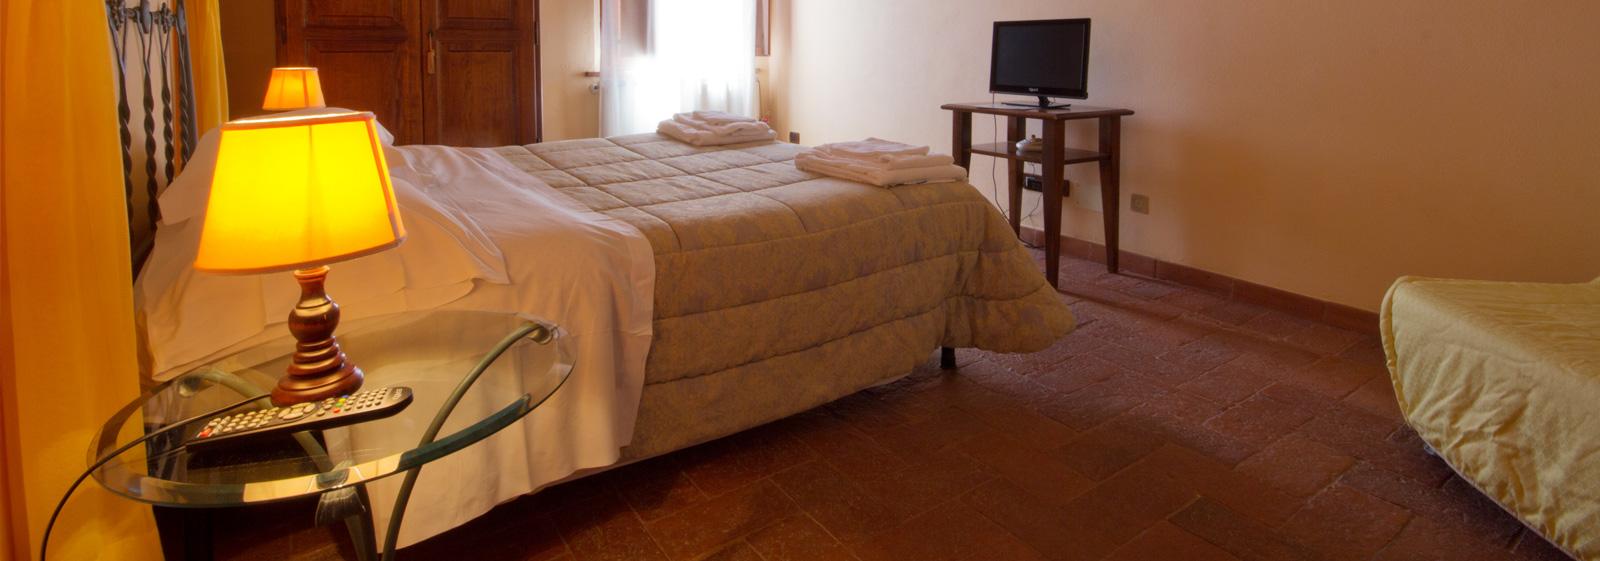 Hotel volga Montepulciano